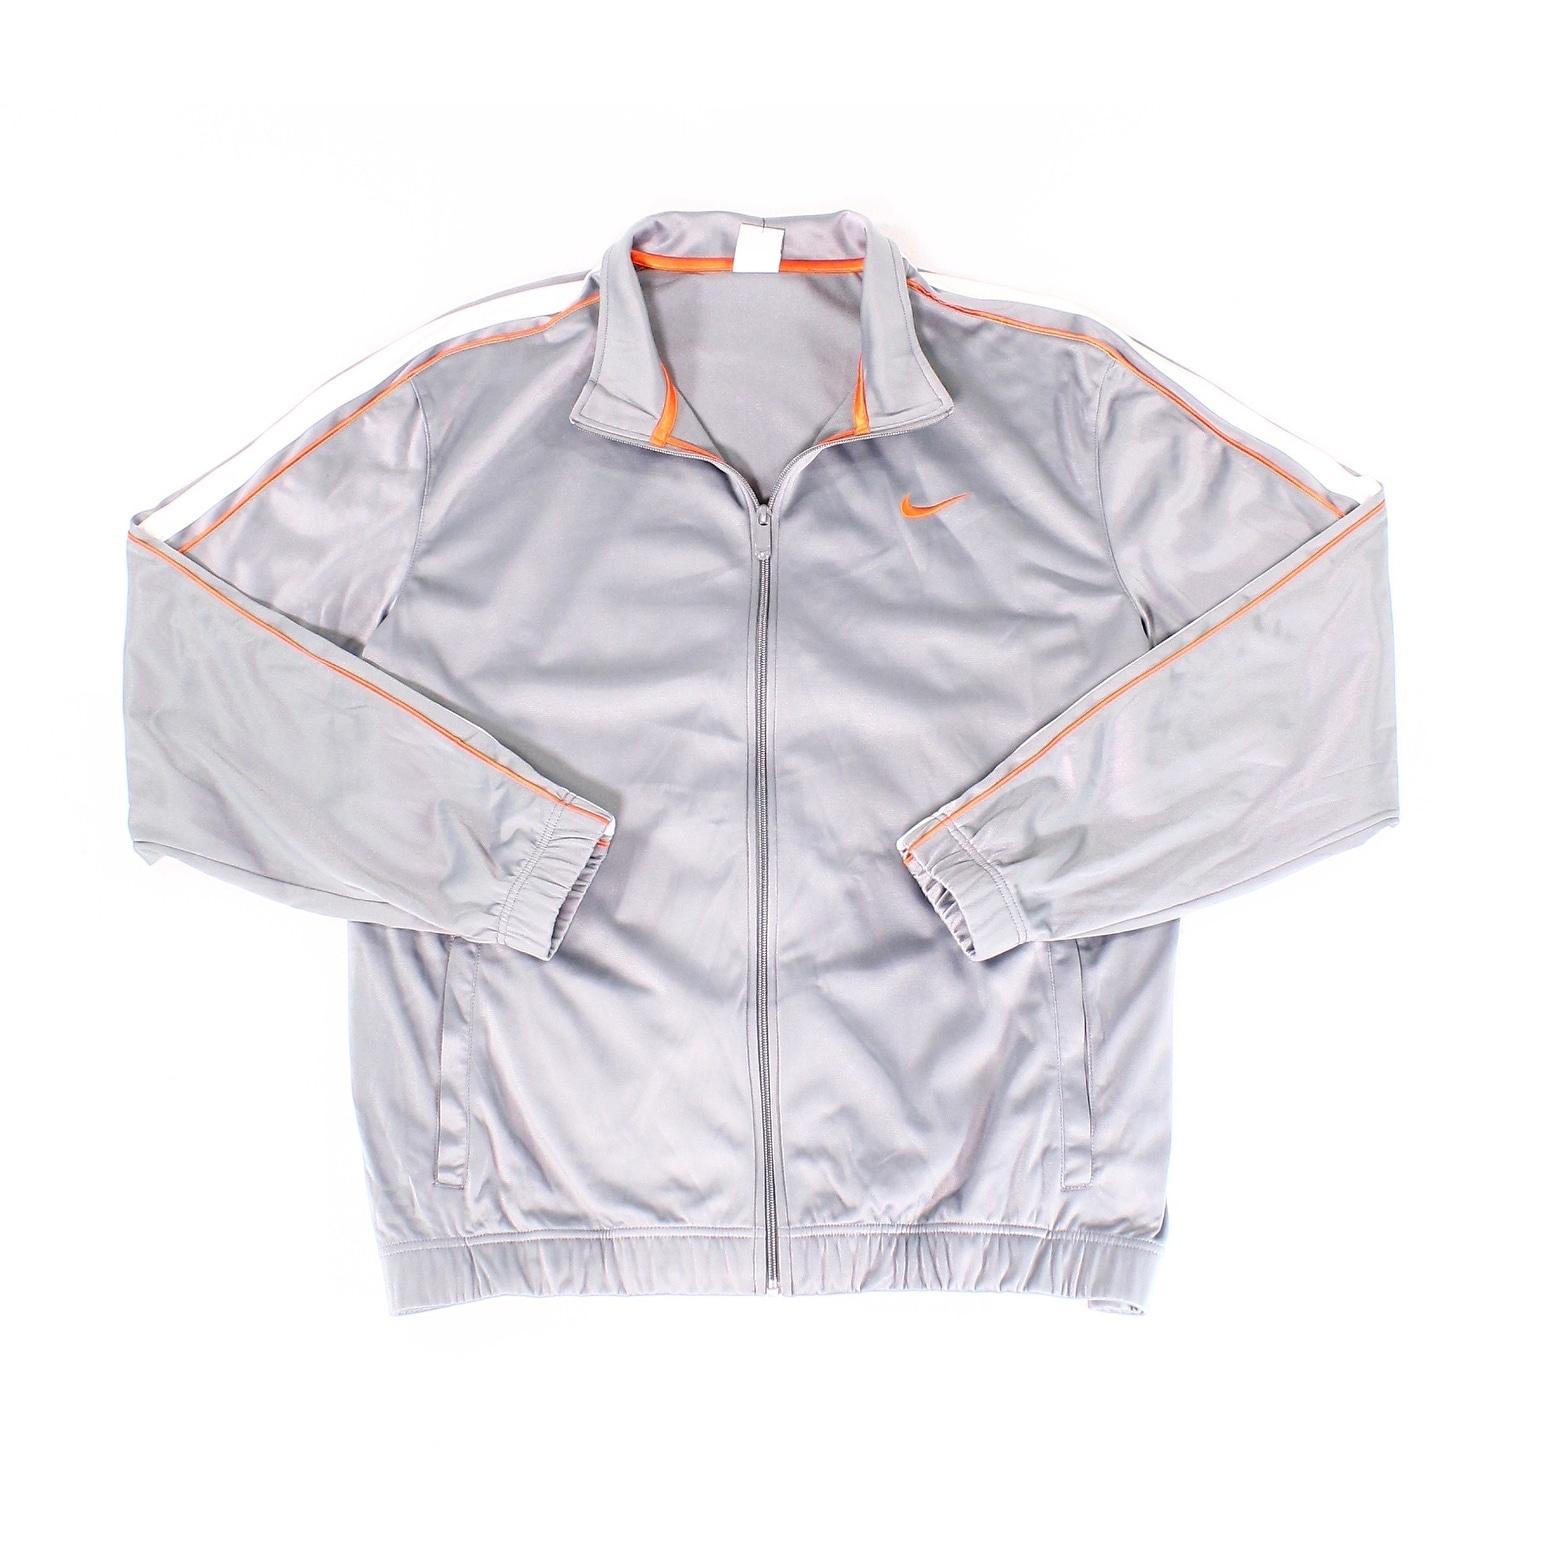 0d70f04726e0 Nike Men s Clothing